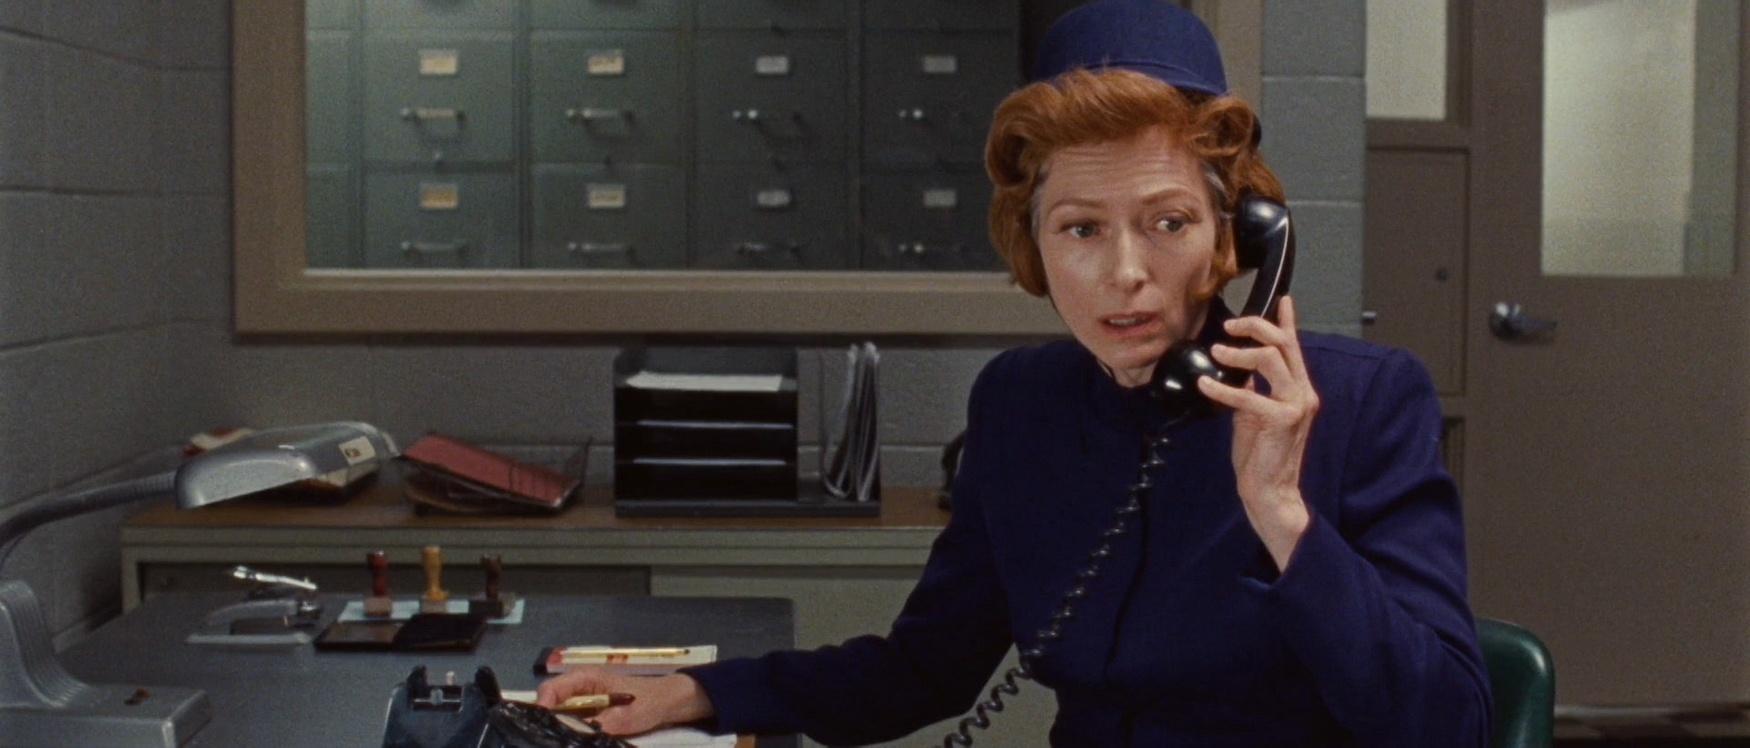 Wes Anderson's next film starring Tilda Swinton, film set in Spain - / film